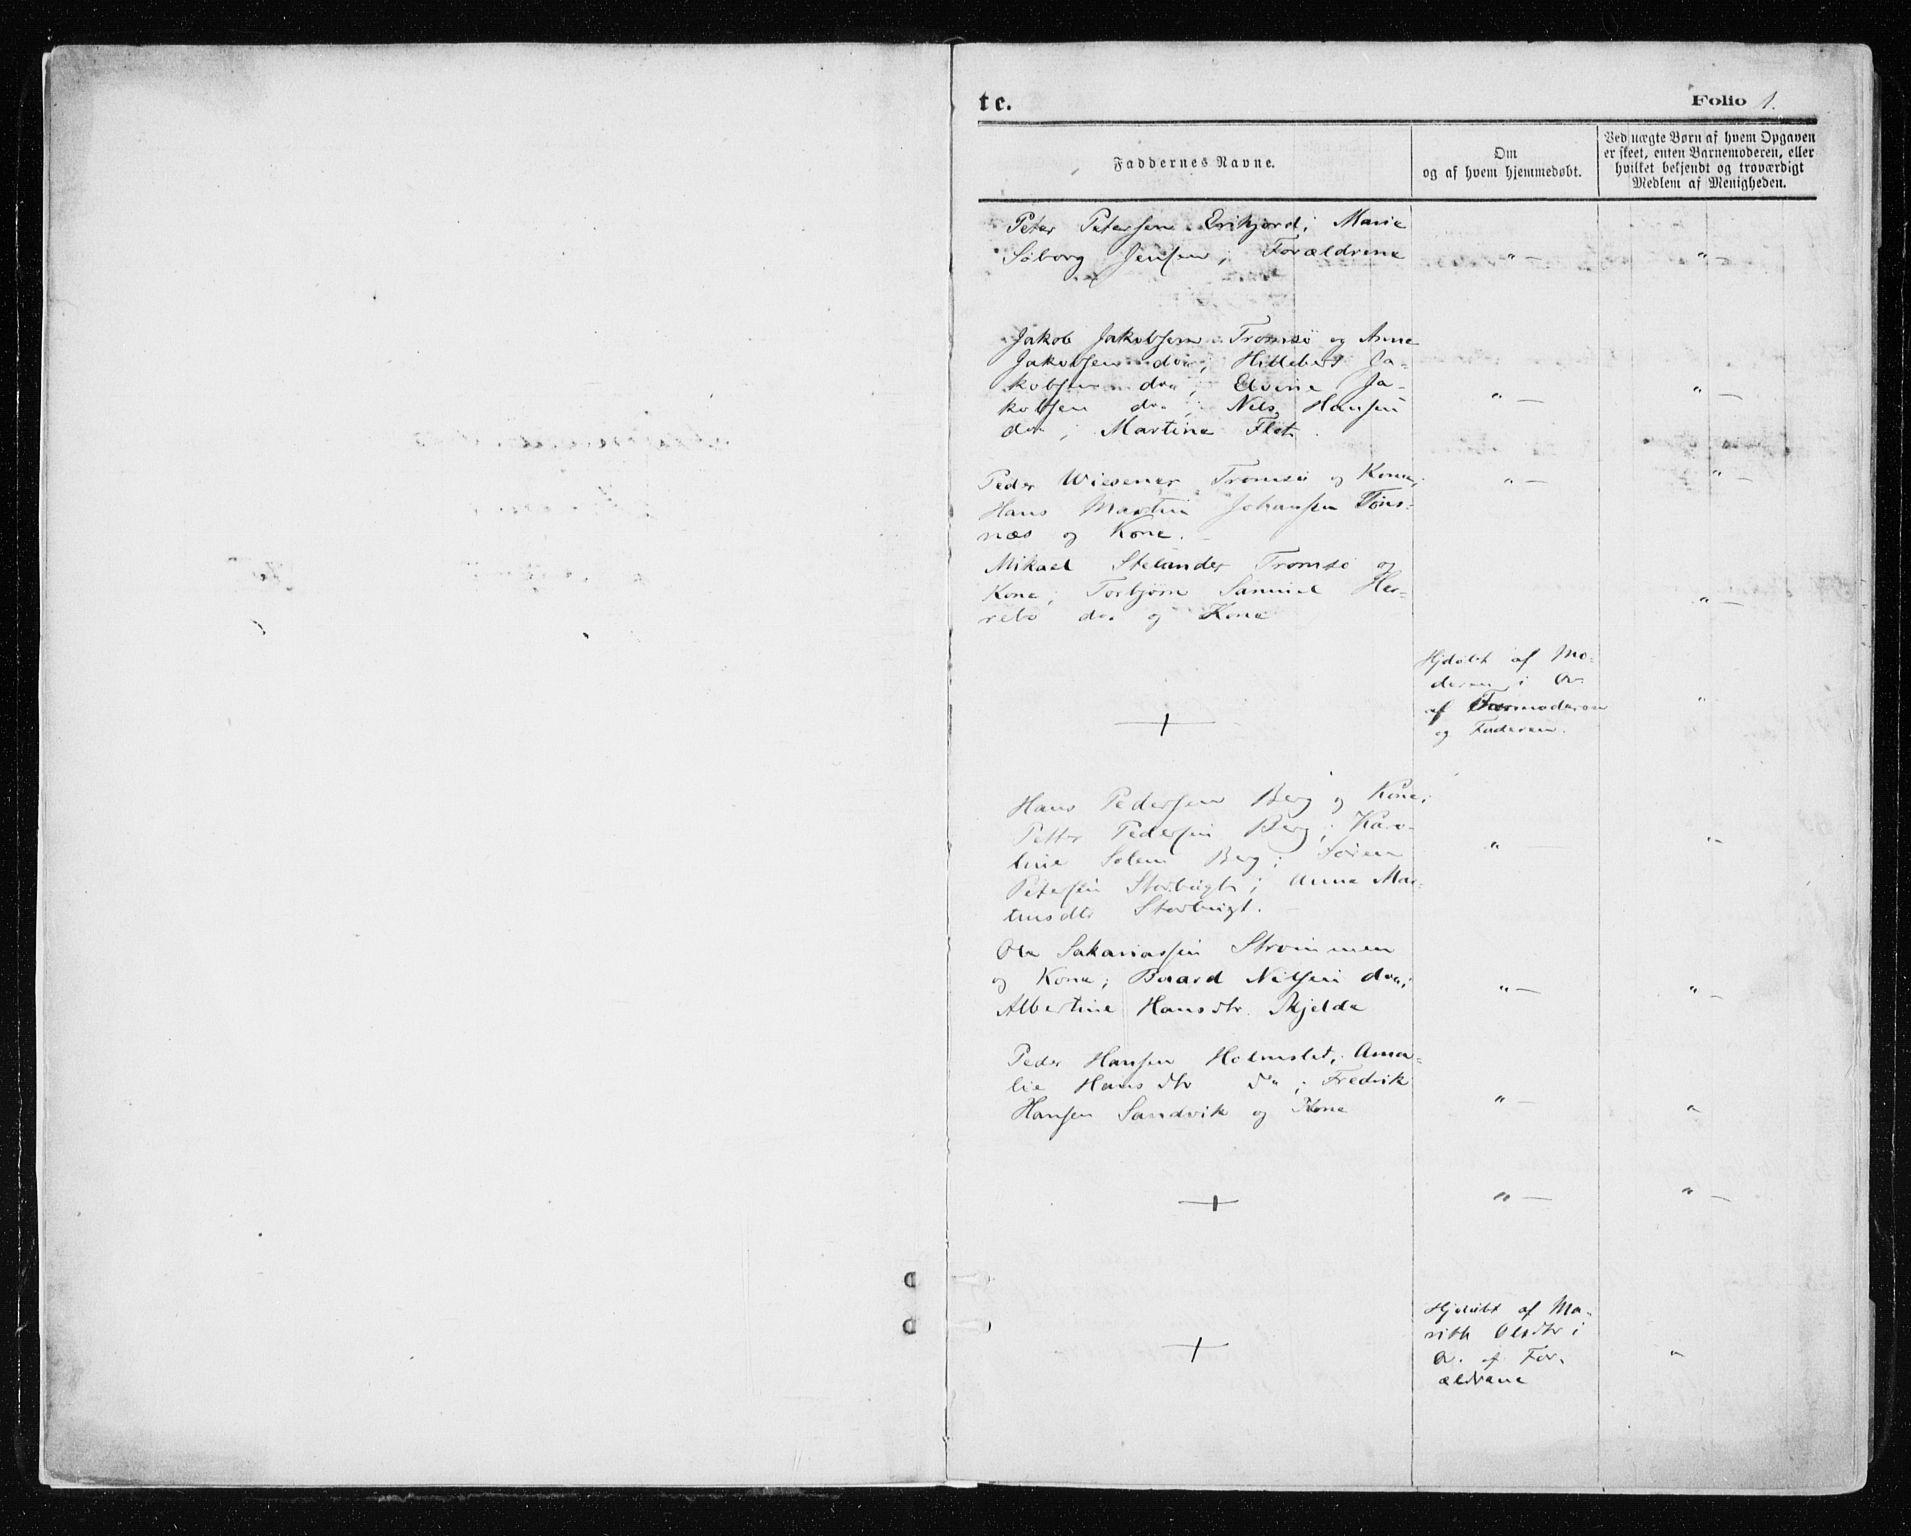 SATØ, Tromsøysund sokneprestkontor, G/Ga/L0003kirke: Ministerialbok nr. 3, 1875-1880, s. 1